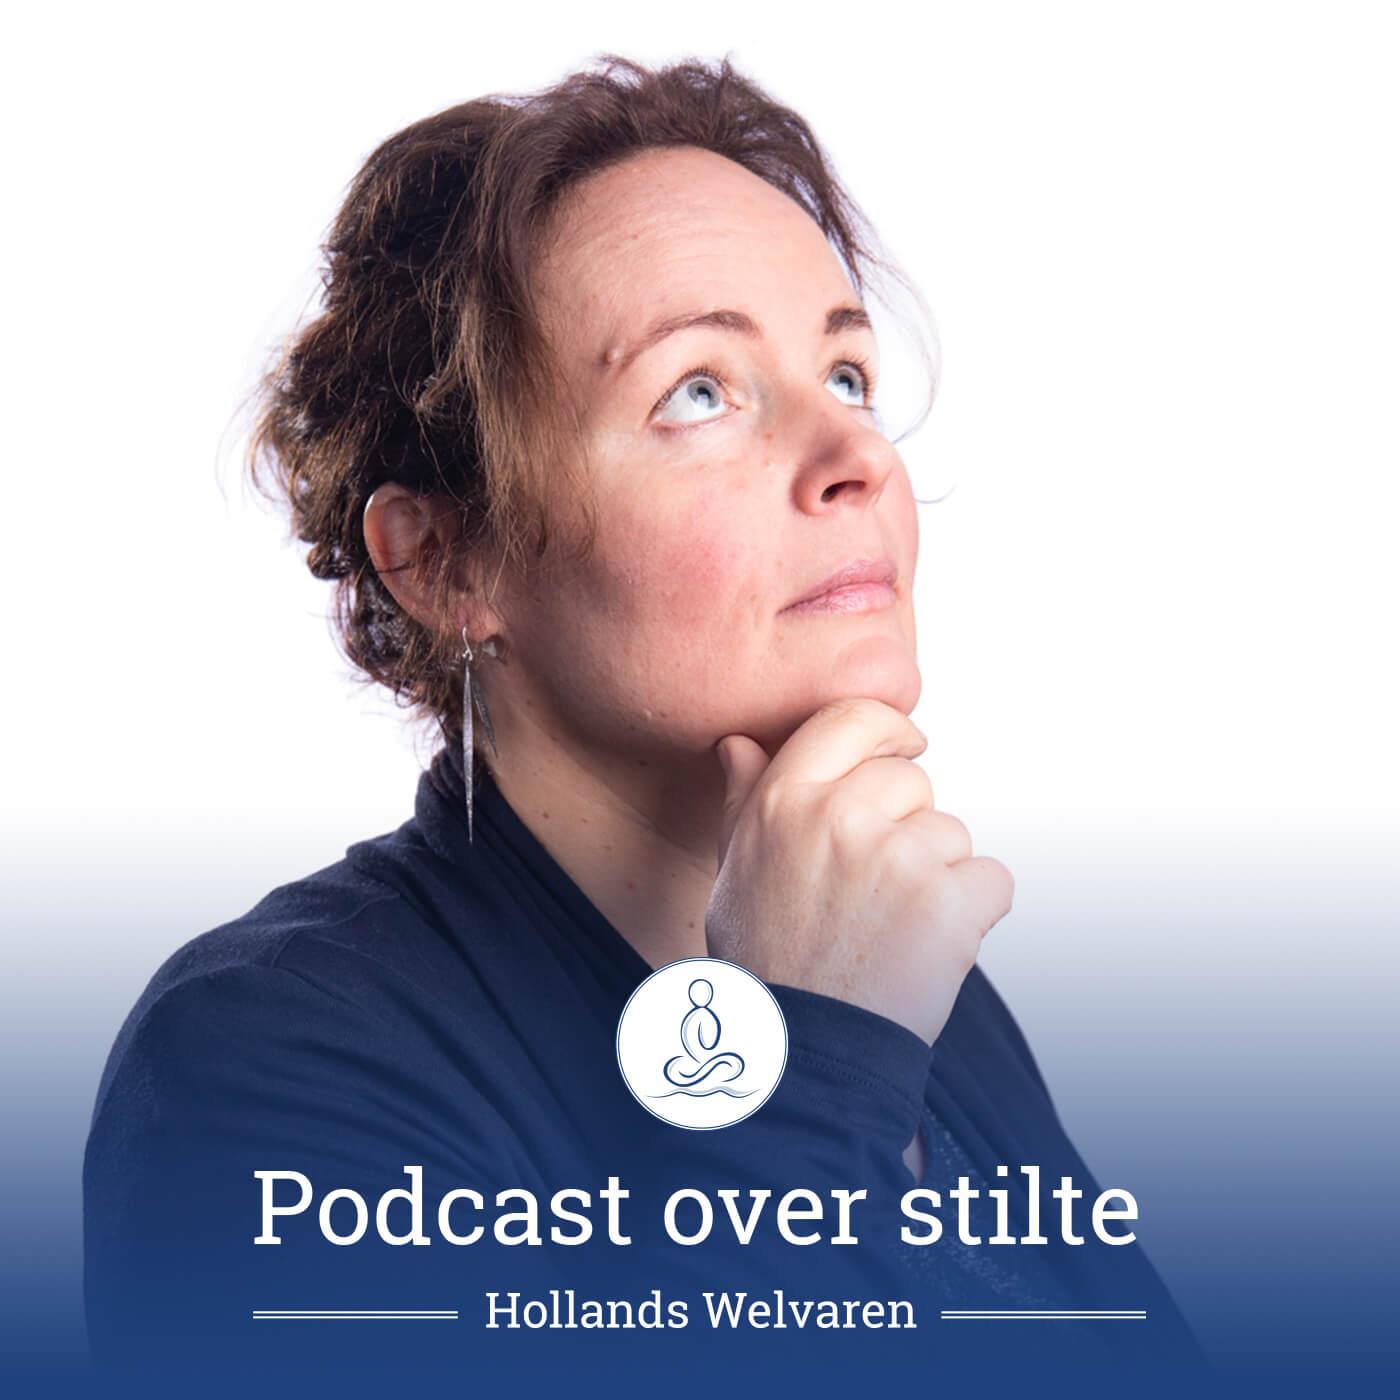 Podcast-over-stilte